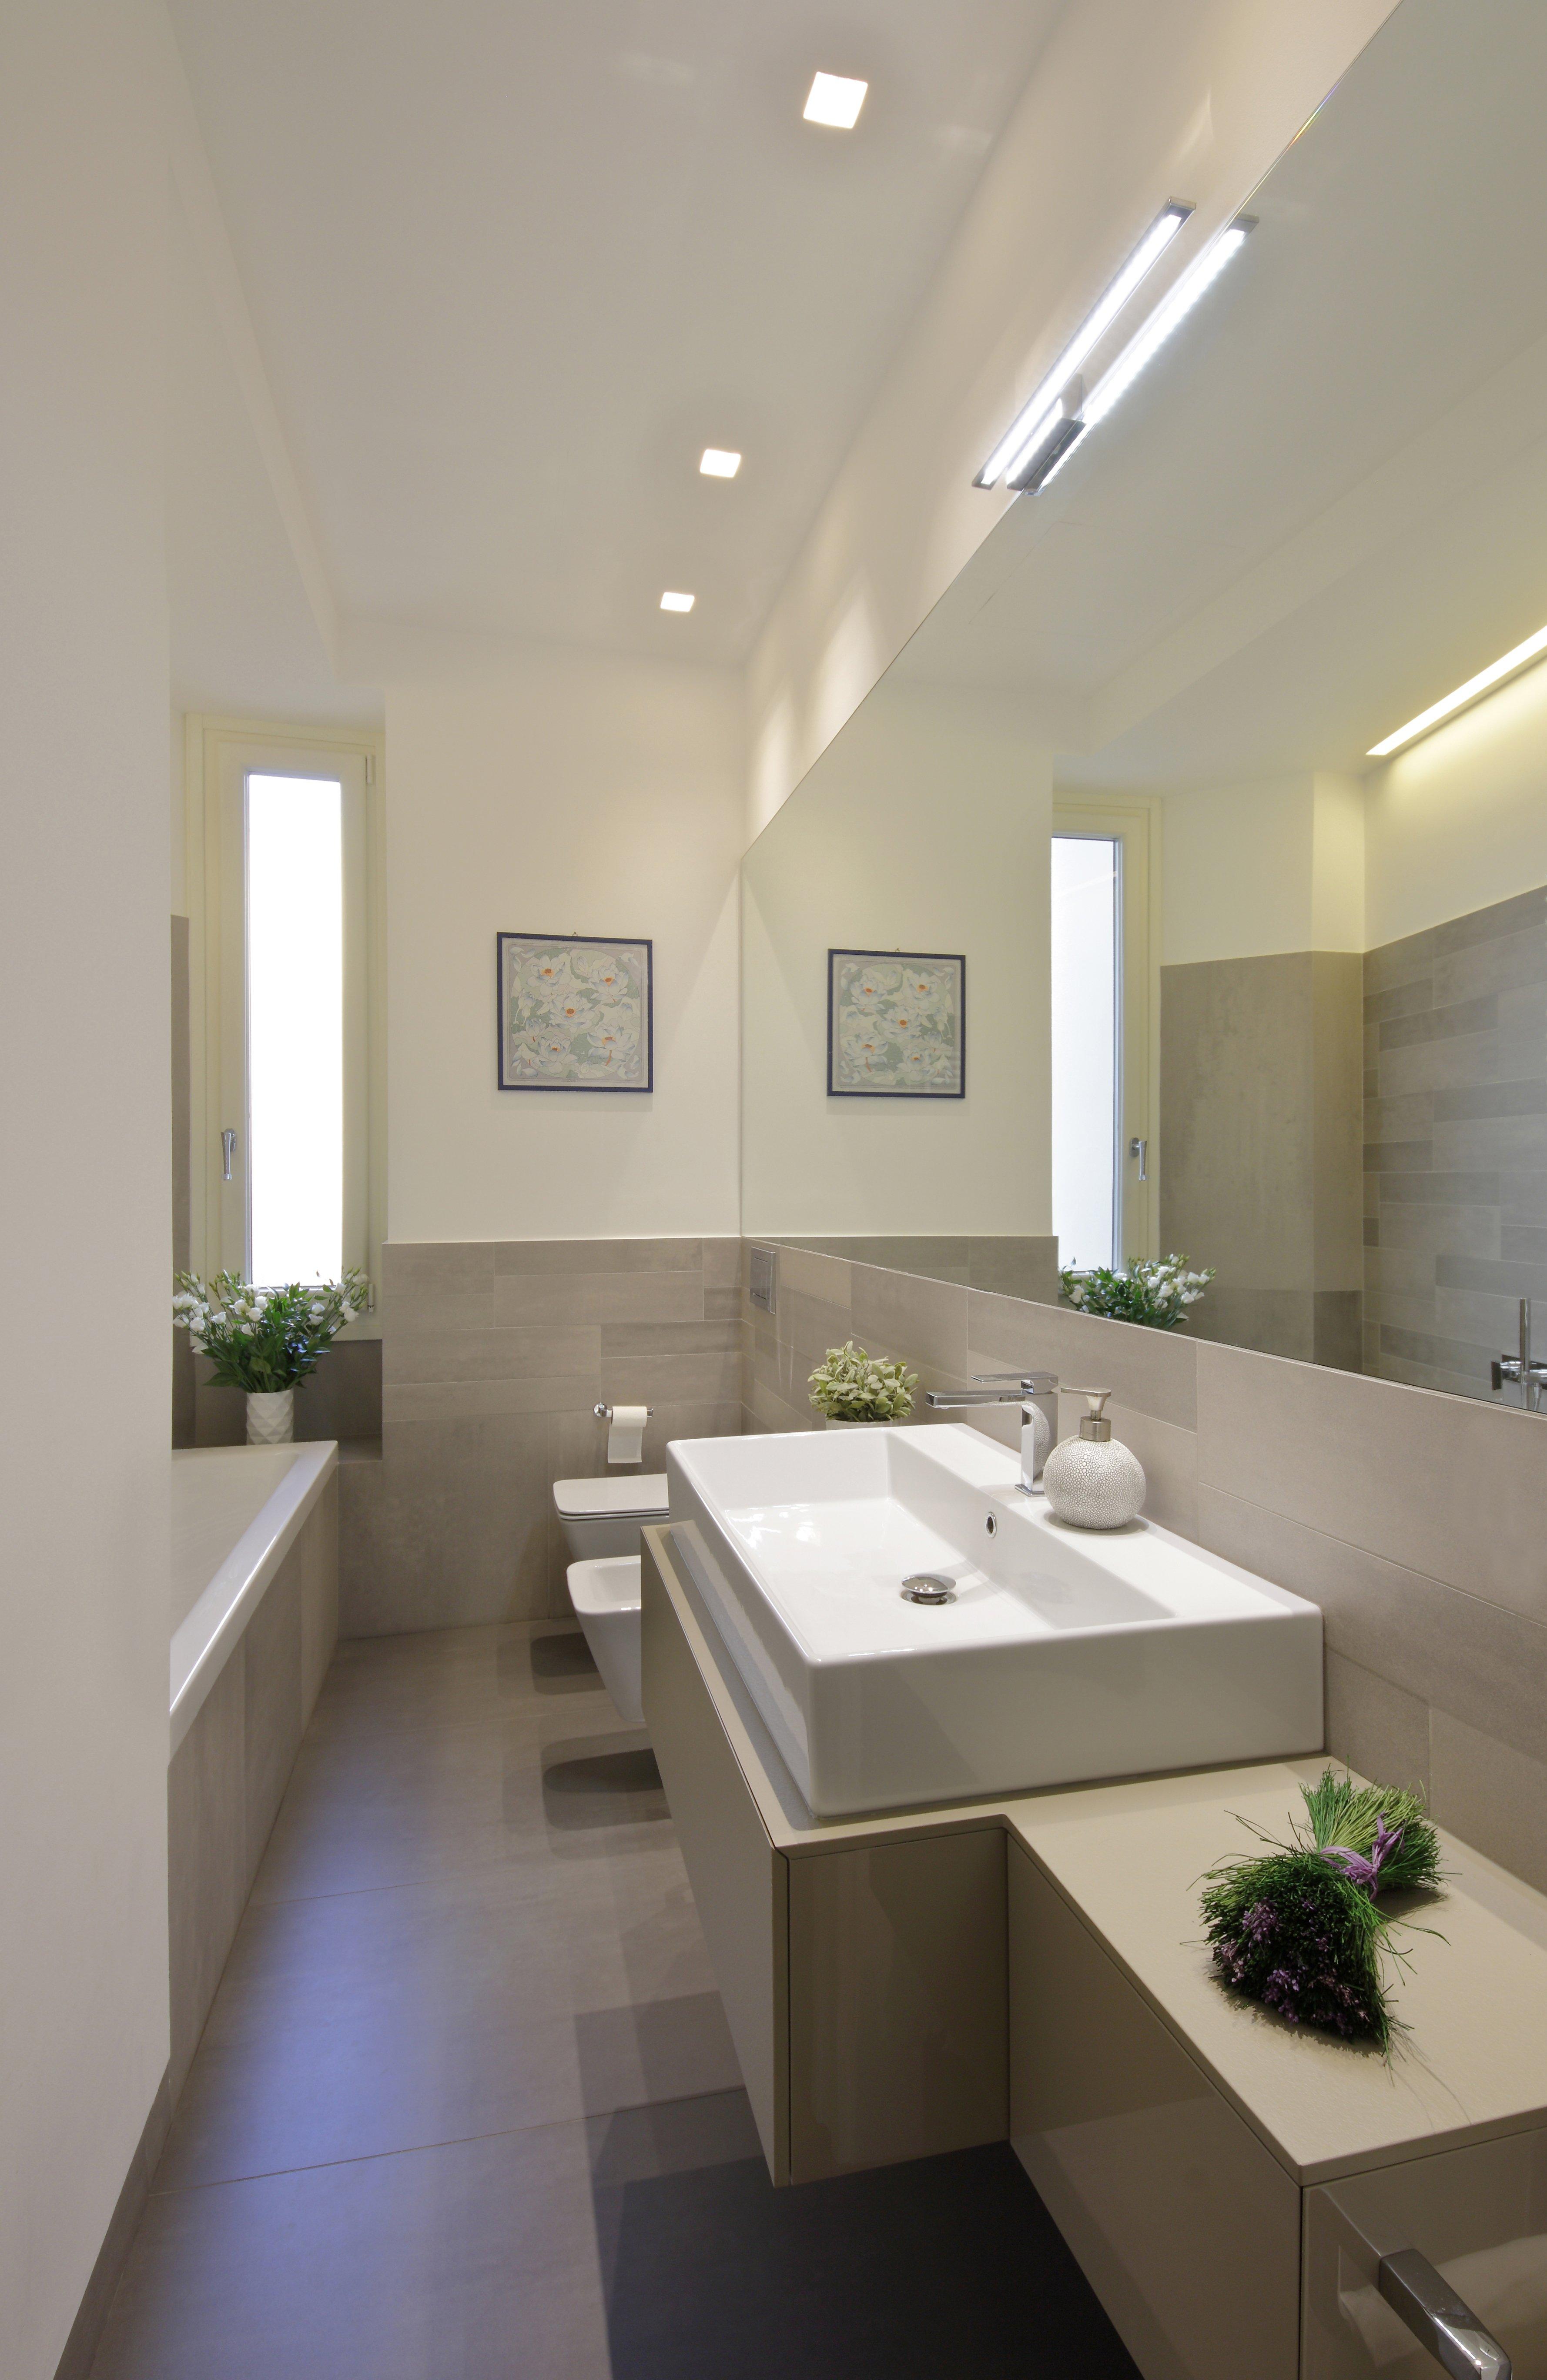 100 mq una casa a pianta irregolare ben risolta cose di for Case arredamento